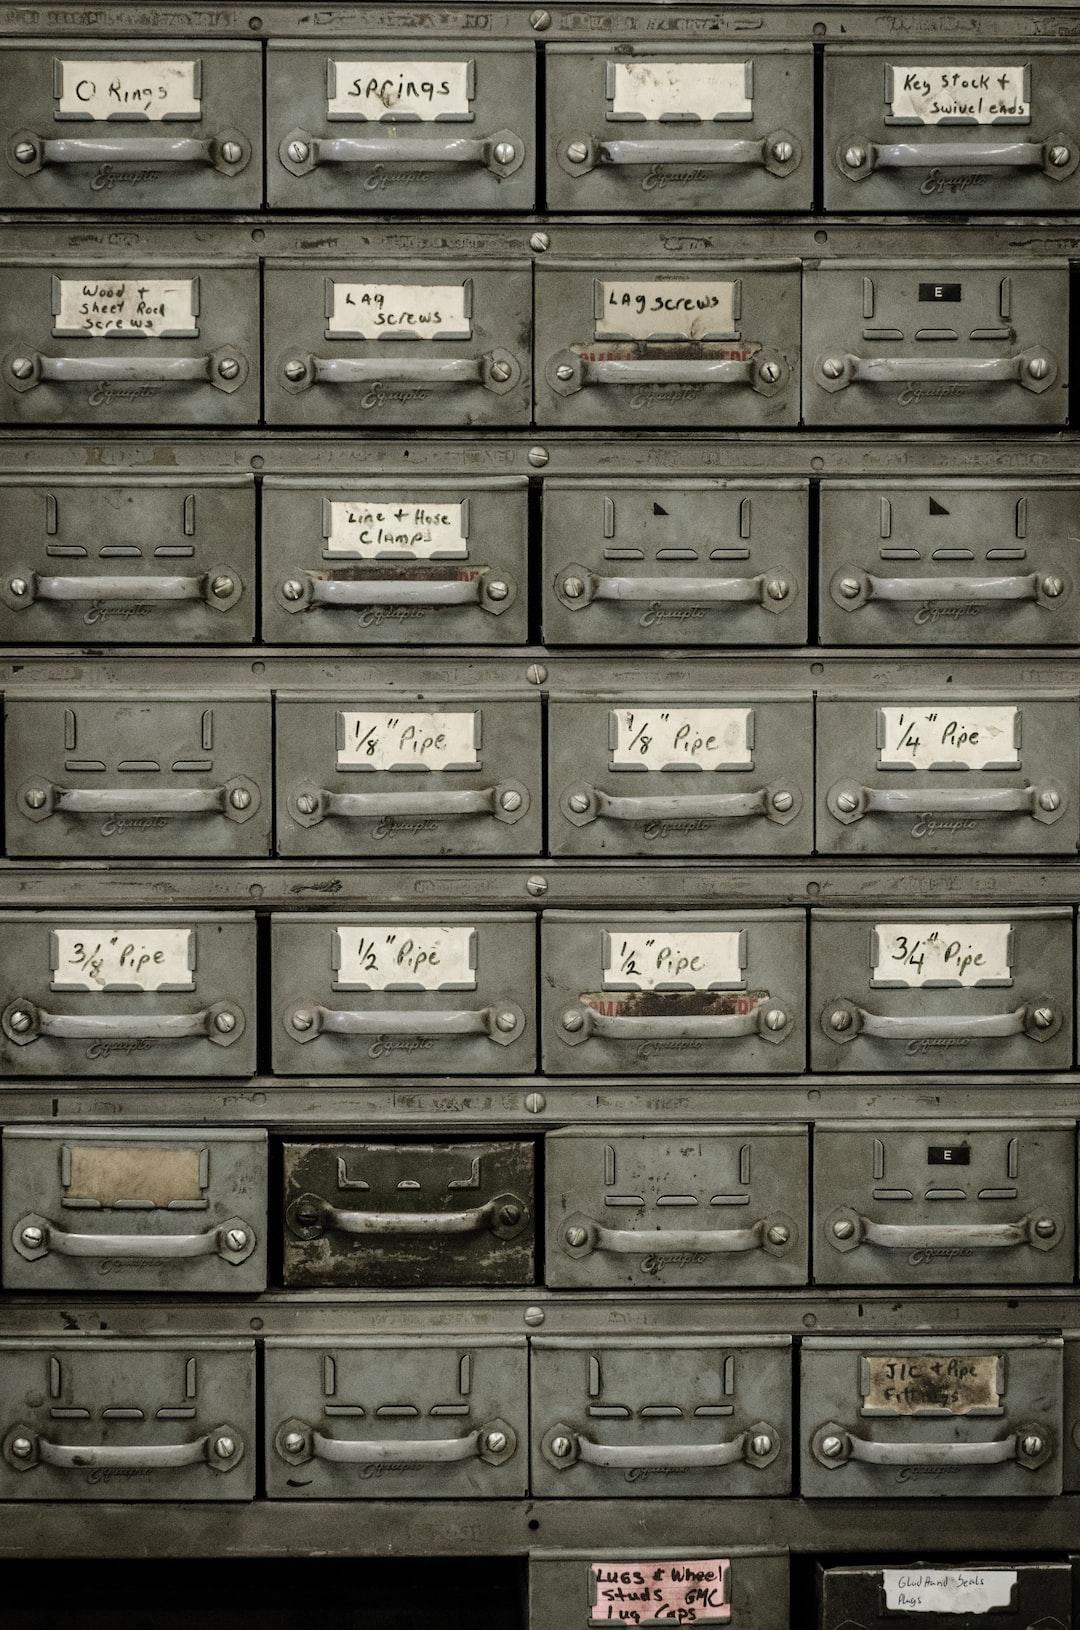 GR tools box